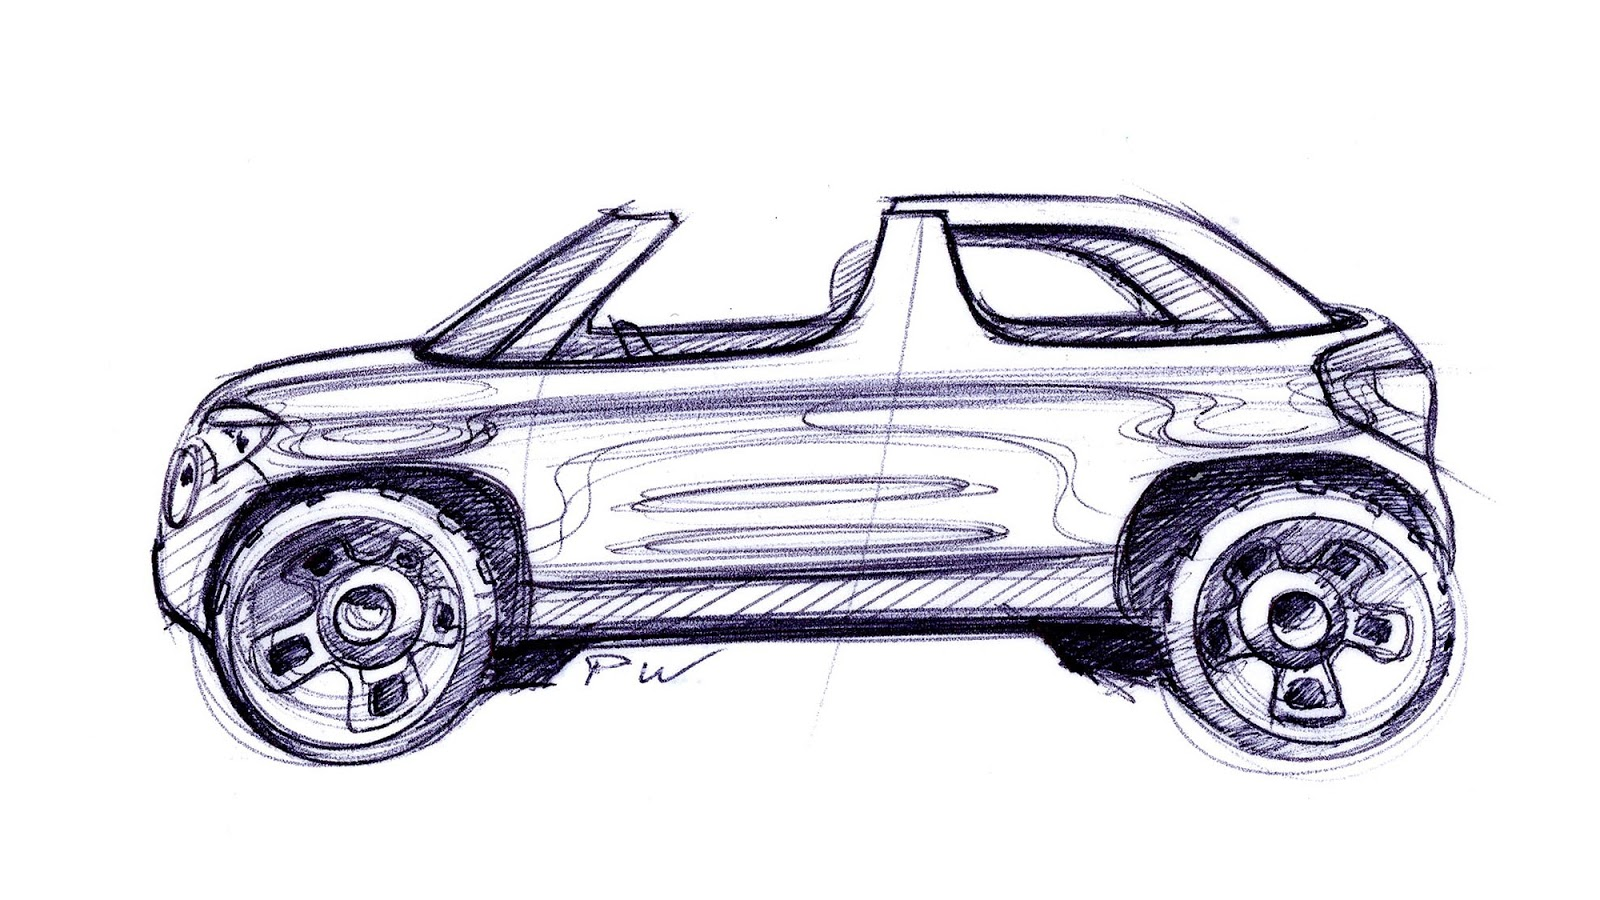 Skoda Yeti Roadster sketch by Peter Wouda